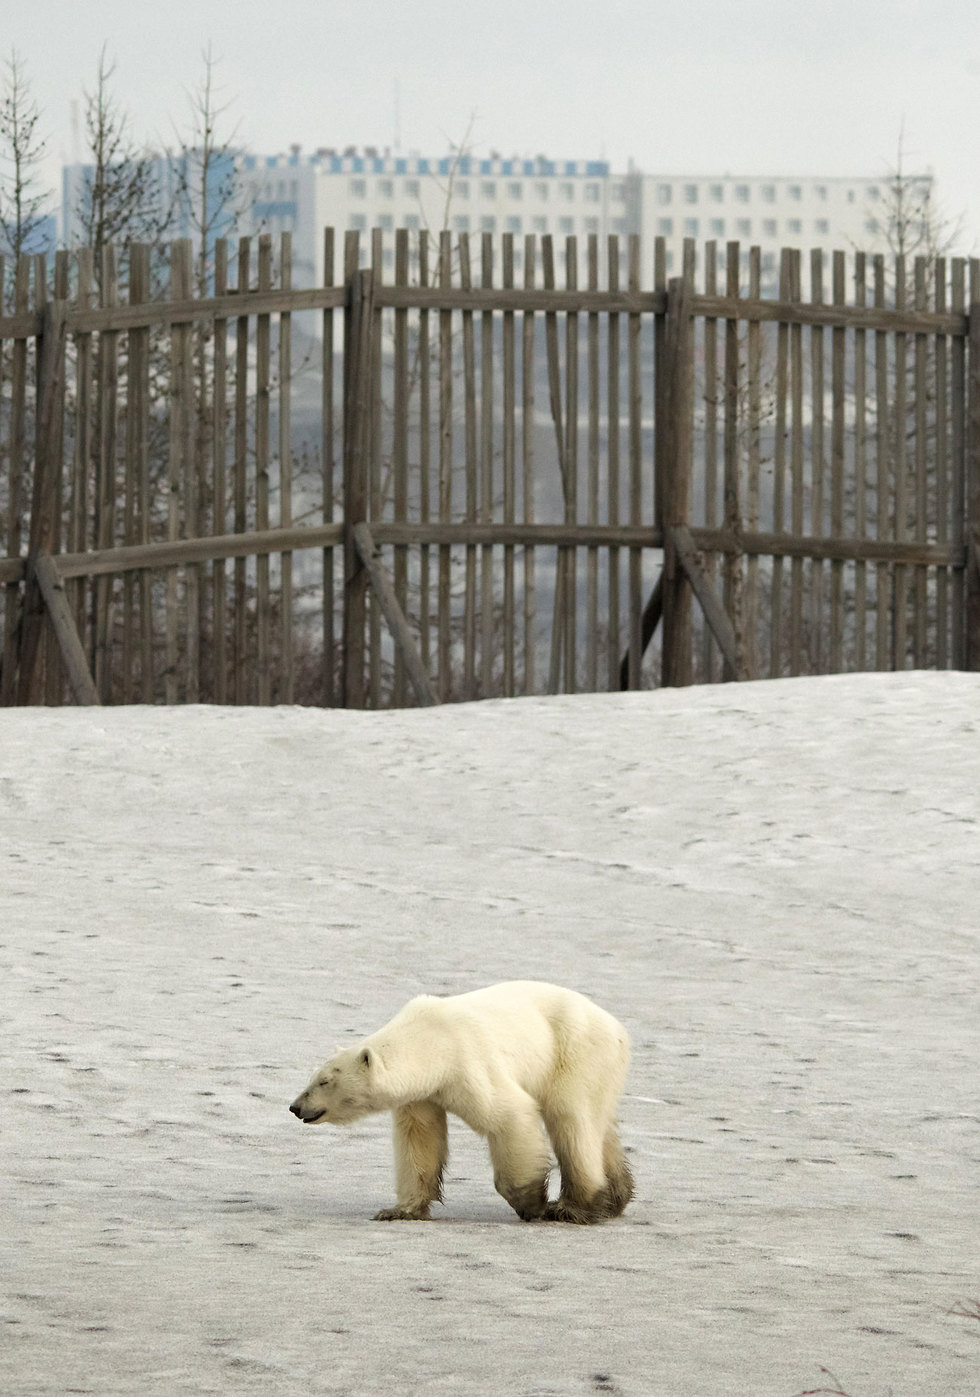 דובת קוטב נודדת בעיר הצפונית נורילסק (צילום: רויטרס)